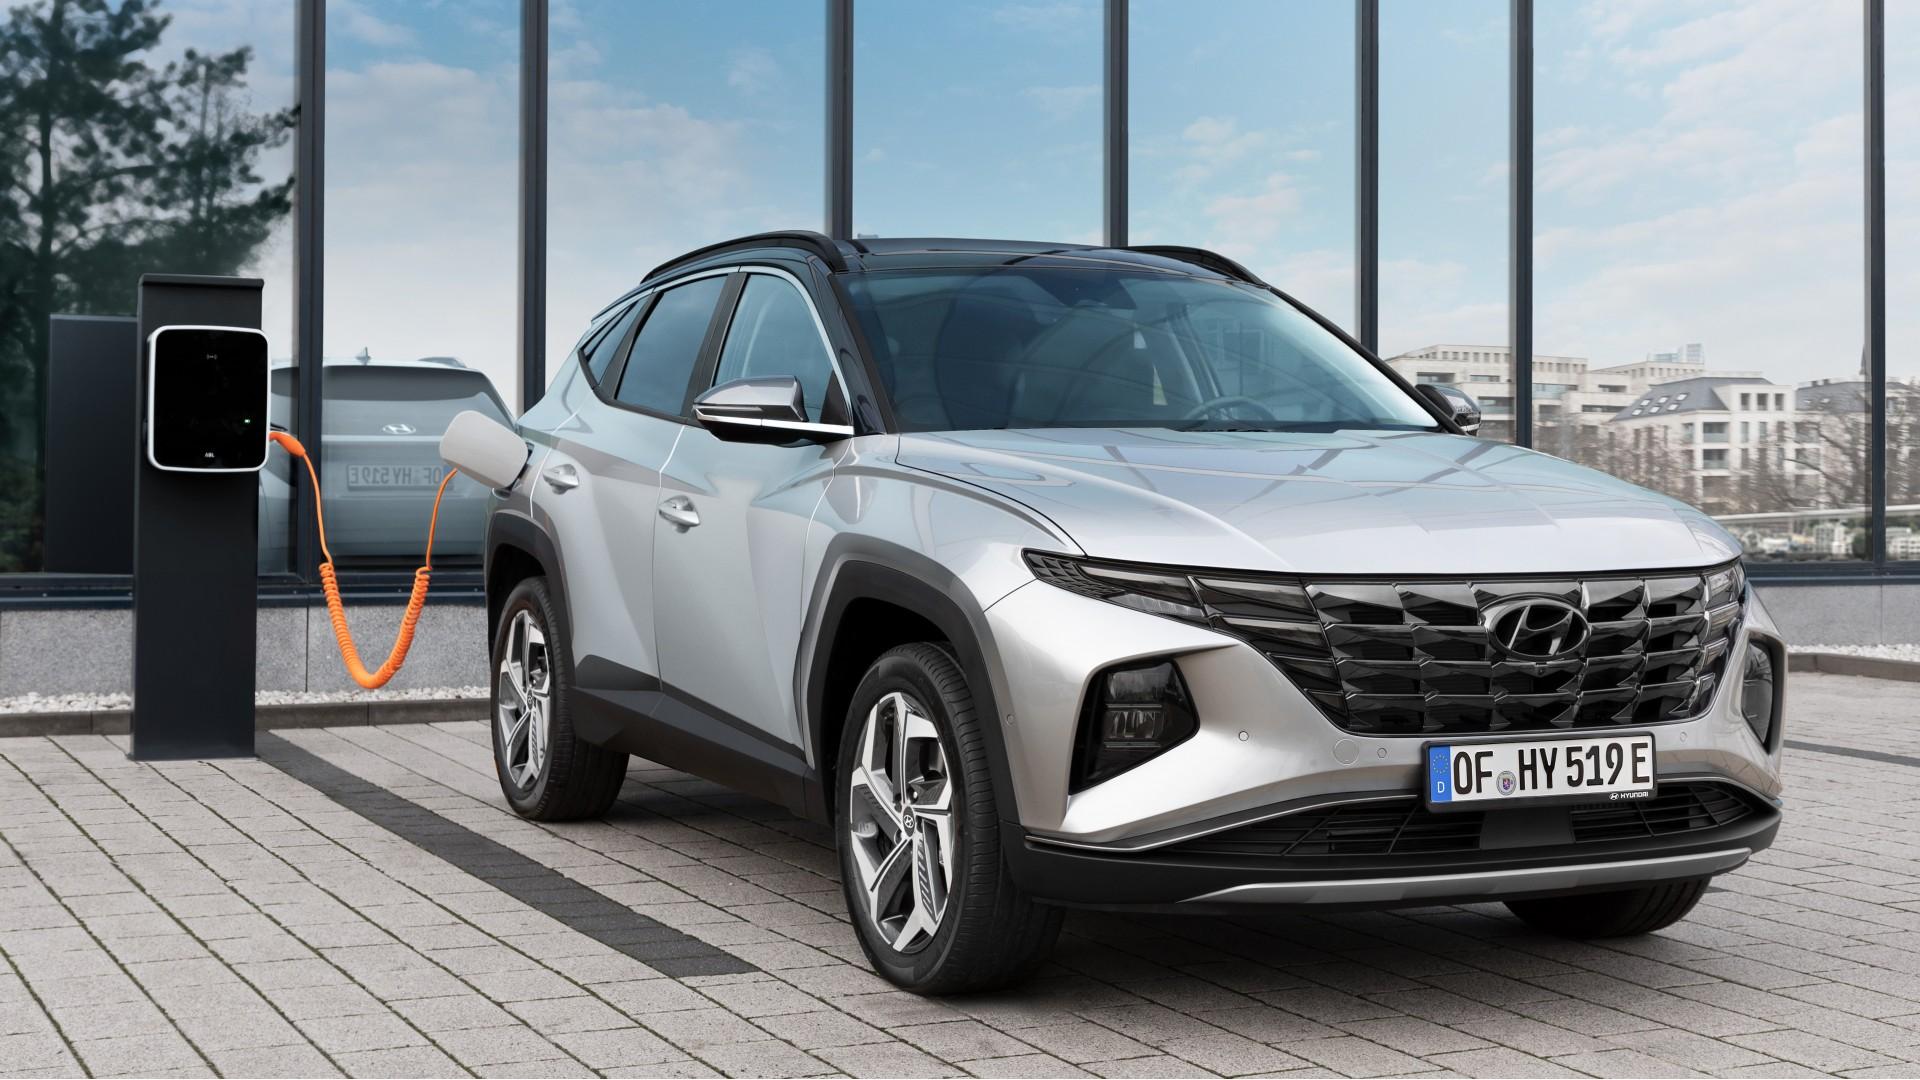 Hyundai: Πόσο κοστίζει στην Ελλάδα το νέο Tucson Plug-in Hybrid; (pics)